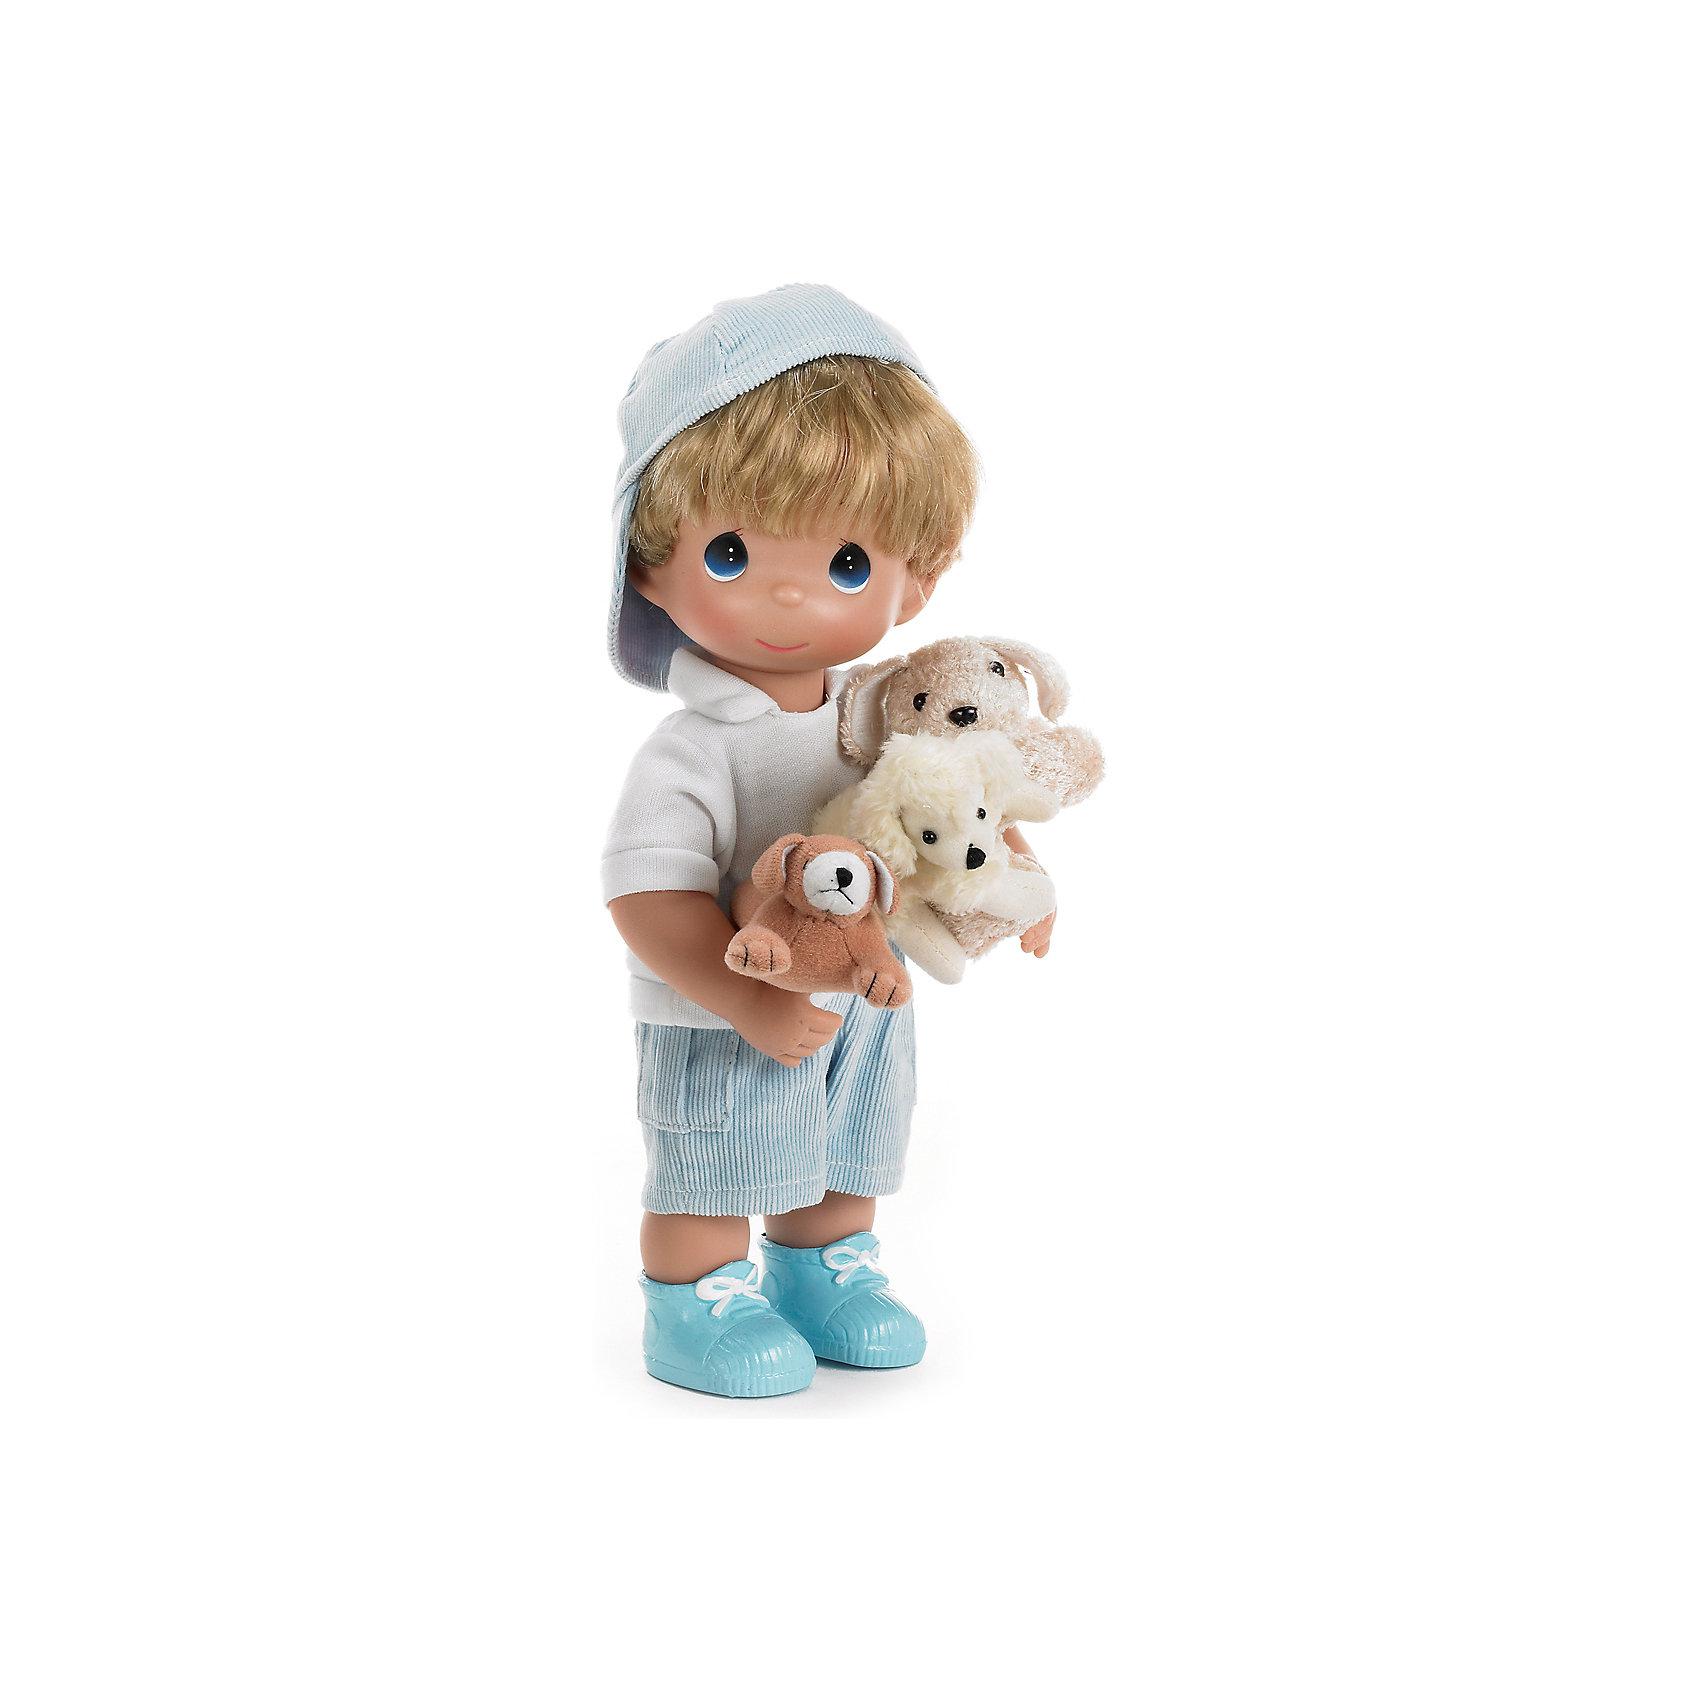 Кукла Мальчик и щенки, 30 см, Precious MomentsКуклы<br>Характеристики товара:<br><br>• возраст: от 5 лет;<br>• материал: винил, текстиль;<br>• высота куклы: 30 см;<br>• размер упаковки: 33х16х12 см;<br>• вес упаковки: 395 гр.;<br>• страна производитель: Филиппины.<br><br>Кукла «Мальчик и щенки» Precious Moments — коллекционная кукла-мальчик с выразительными голубыми глазками. Мальчик одет в голубые шорты, белую футболку и ботиночки. В руках он держит 3 забавных щенков. У куклы имеются подвижные детали. Она выполнена из качественного безопасного материала.<br><br>Куклу «Мальчик и щенки» Precious Moments можно приобрести в нашем интернет-магазине.<br><br>Ширина мм: 140<br>Глубина мм: 300<br>Высота мм: 80<br>Вес г: 428<br>Возраст от месяцев: 36<br>Возраст до месяцев: 2147483647<br>Пол: Женский<br>Возраст: Детский<br>SKU: 5482505